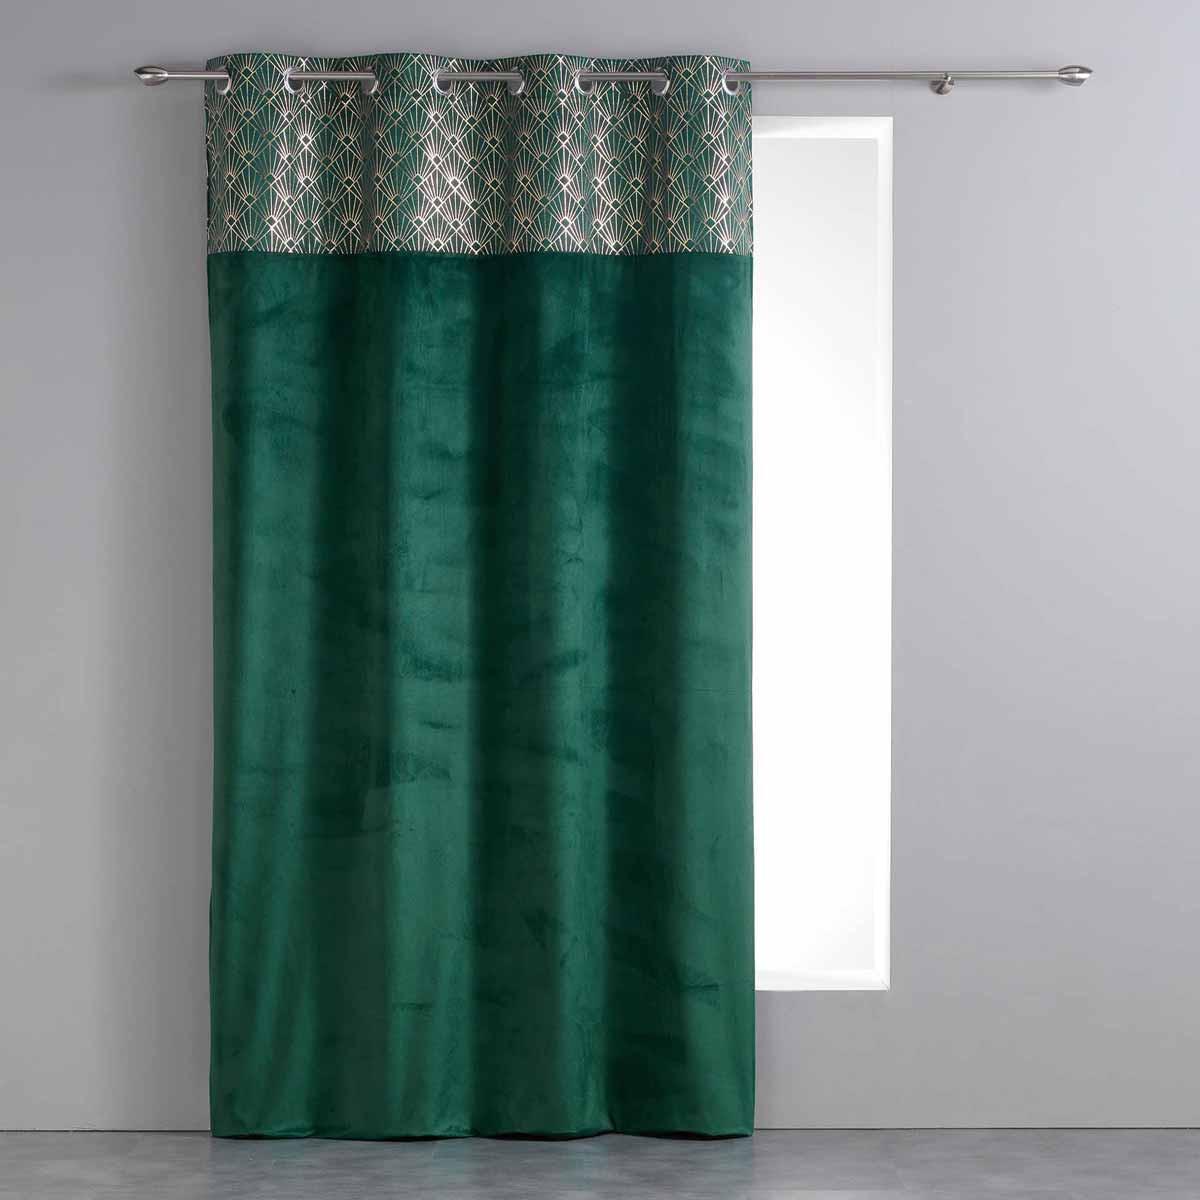 Κουρτίνα (140x240) Με Τρουκς Graphigold Vert 1608037